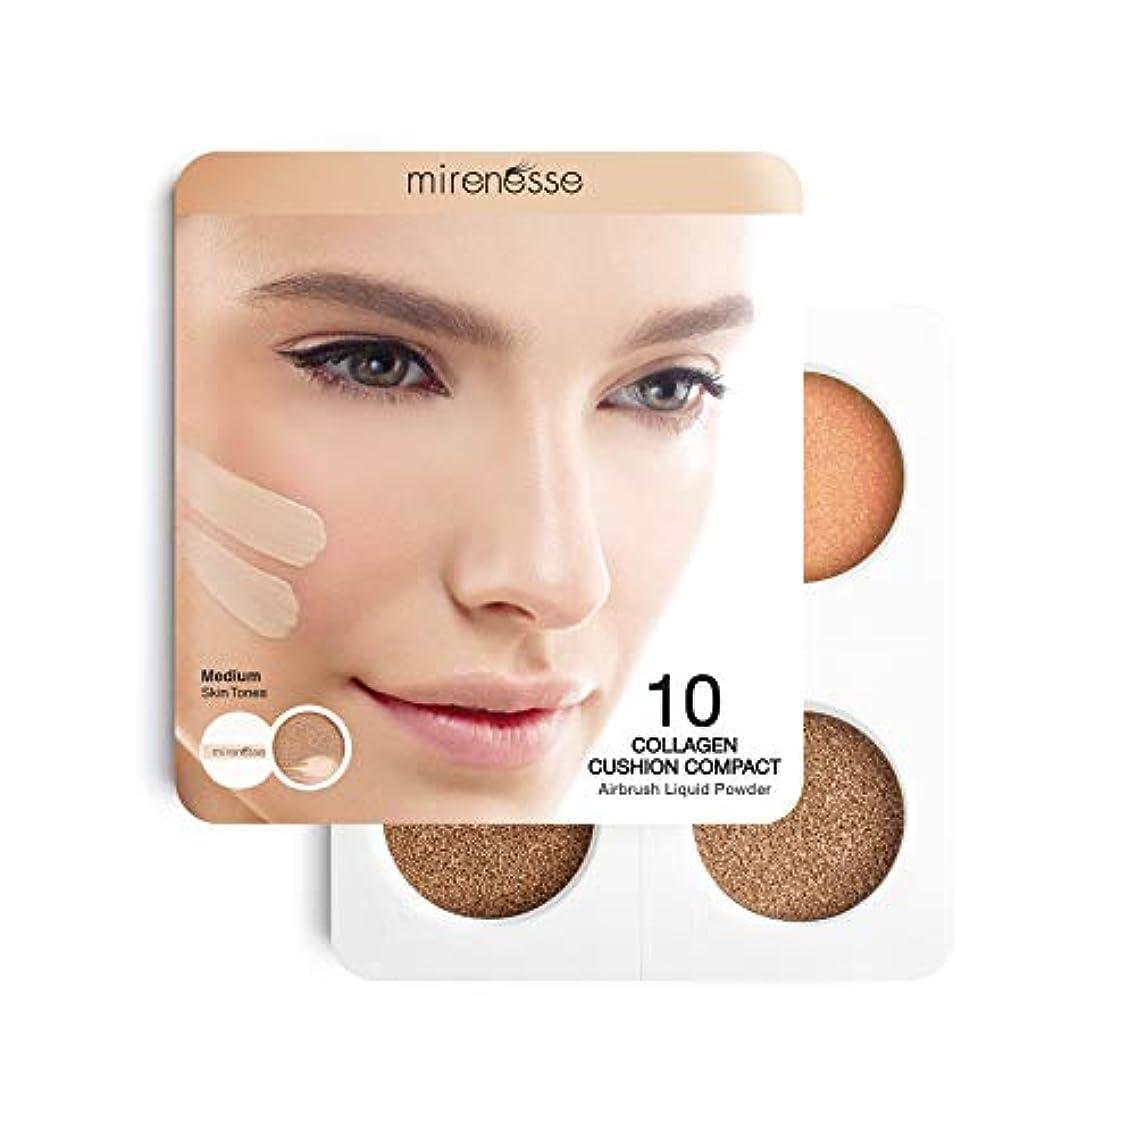 必要ないしわどんなときもMirenesse Cosmetics 4Pce 10 Collagen Cushion Foundation Sampler - Medium/Dark